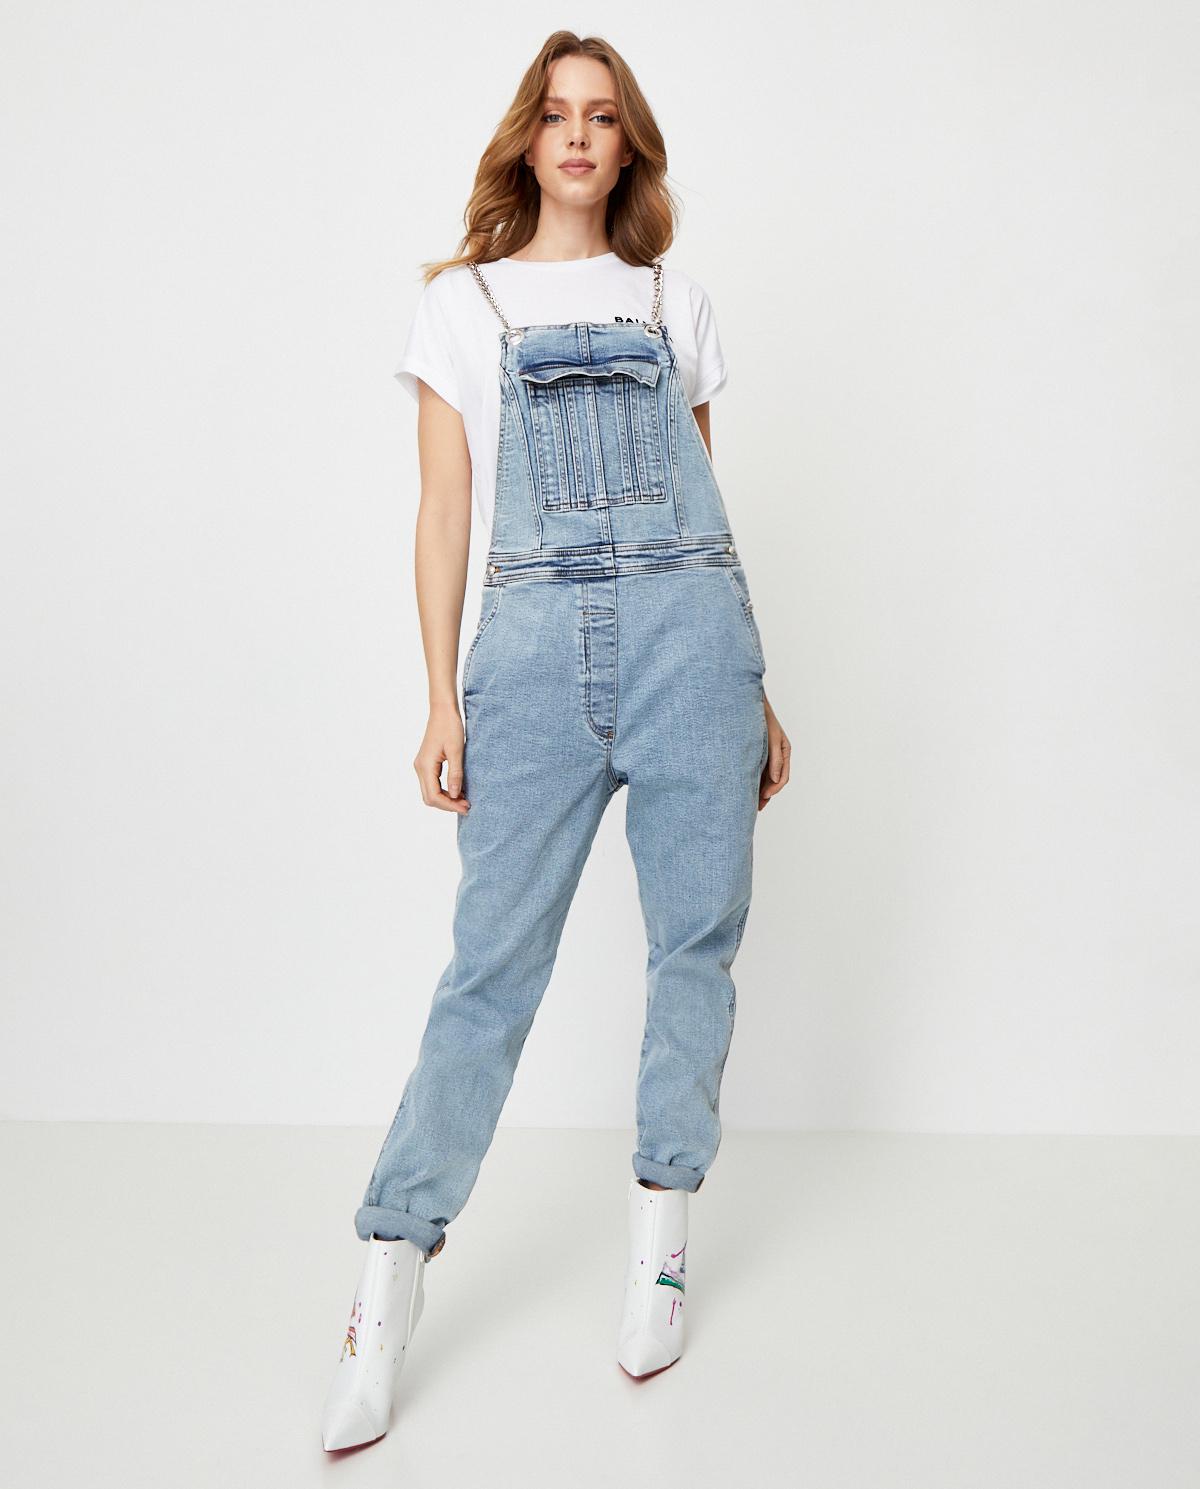 Damskie jeansowe ogrodniczki Balmain SF15865D068 SAB